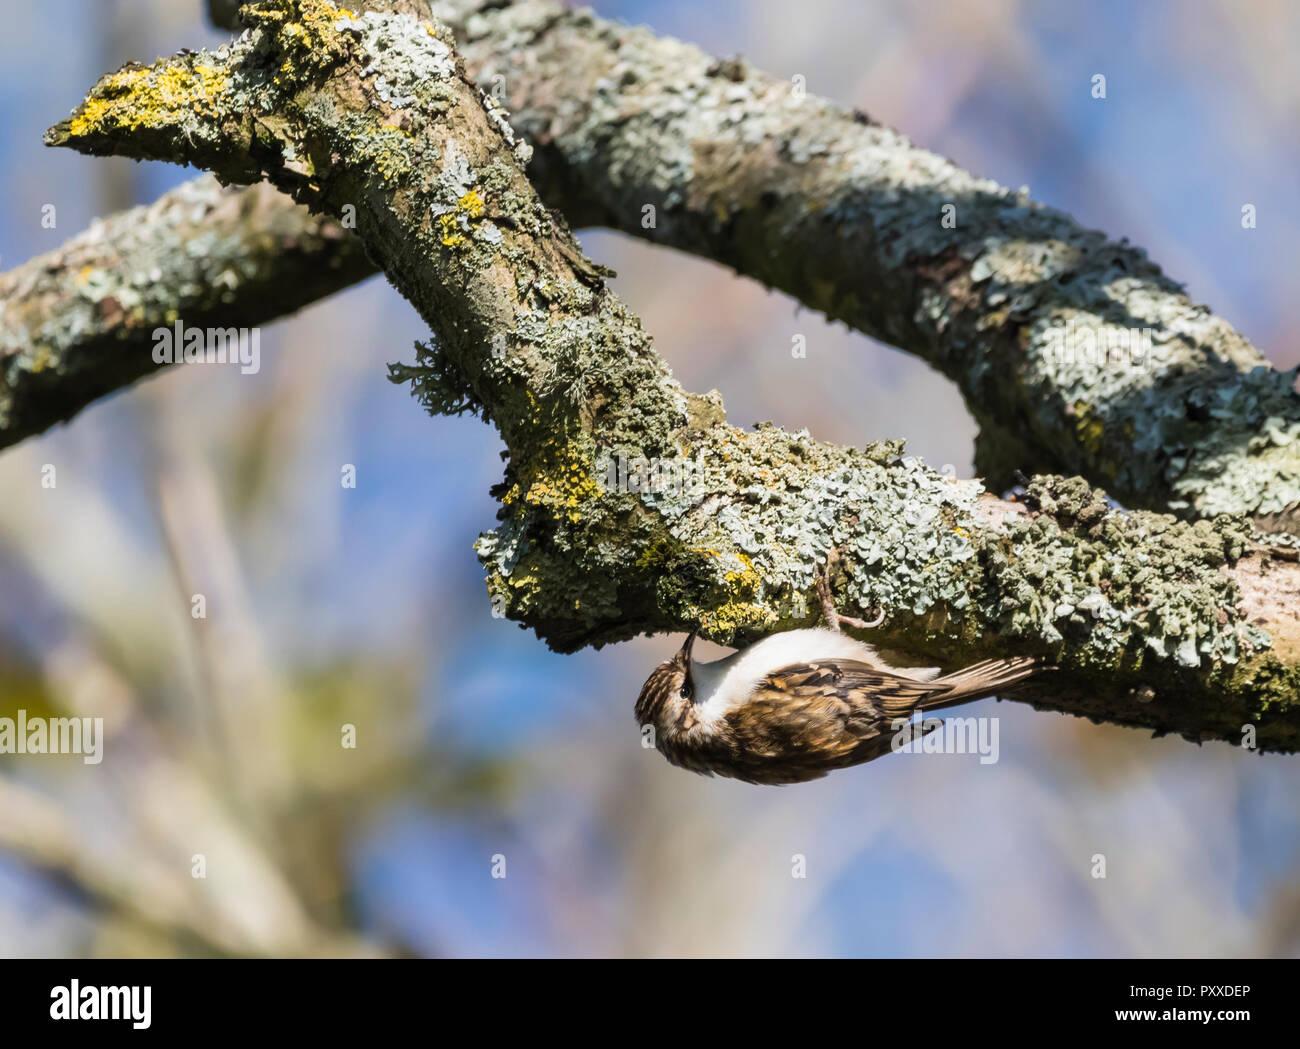 Eurasian Treecreeper (Certhia familiaris) Vogel hängend kopfüber an einem Baum im Herbst in West Sussex, England, UK. Stockbild